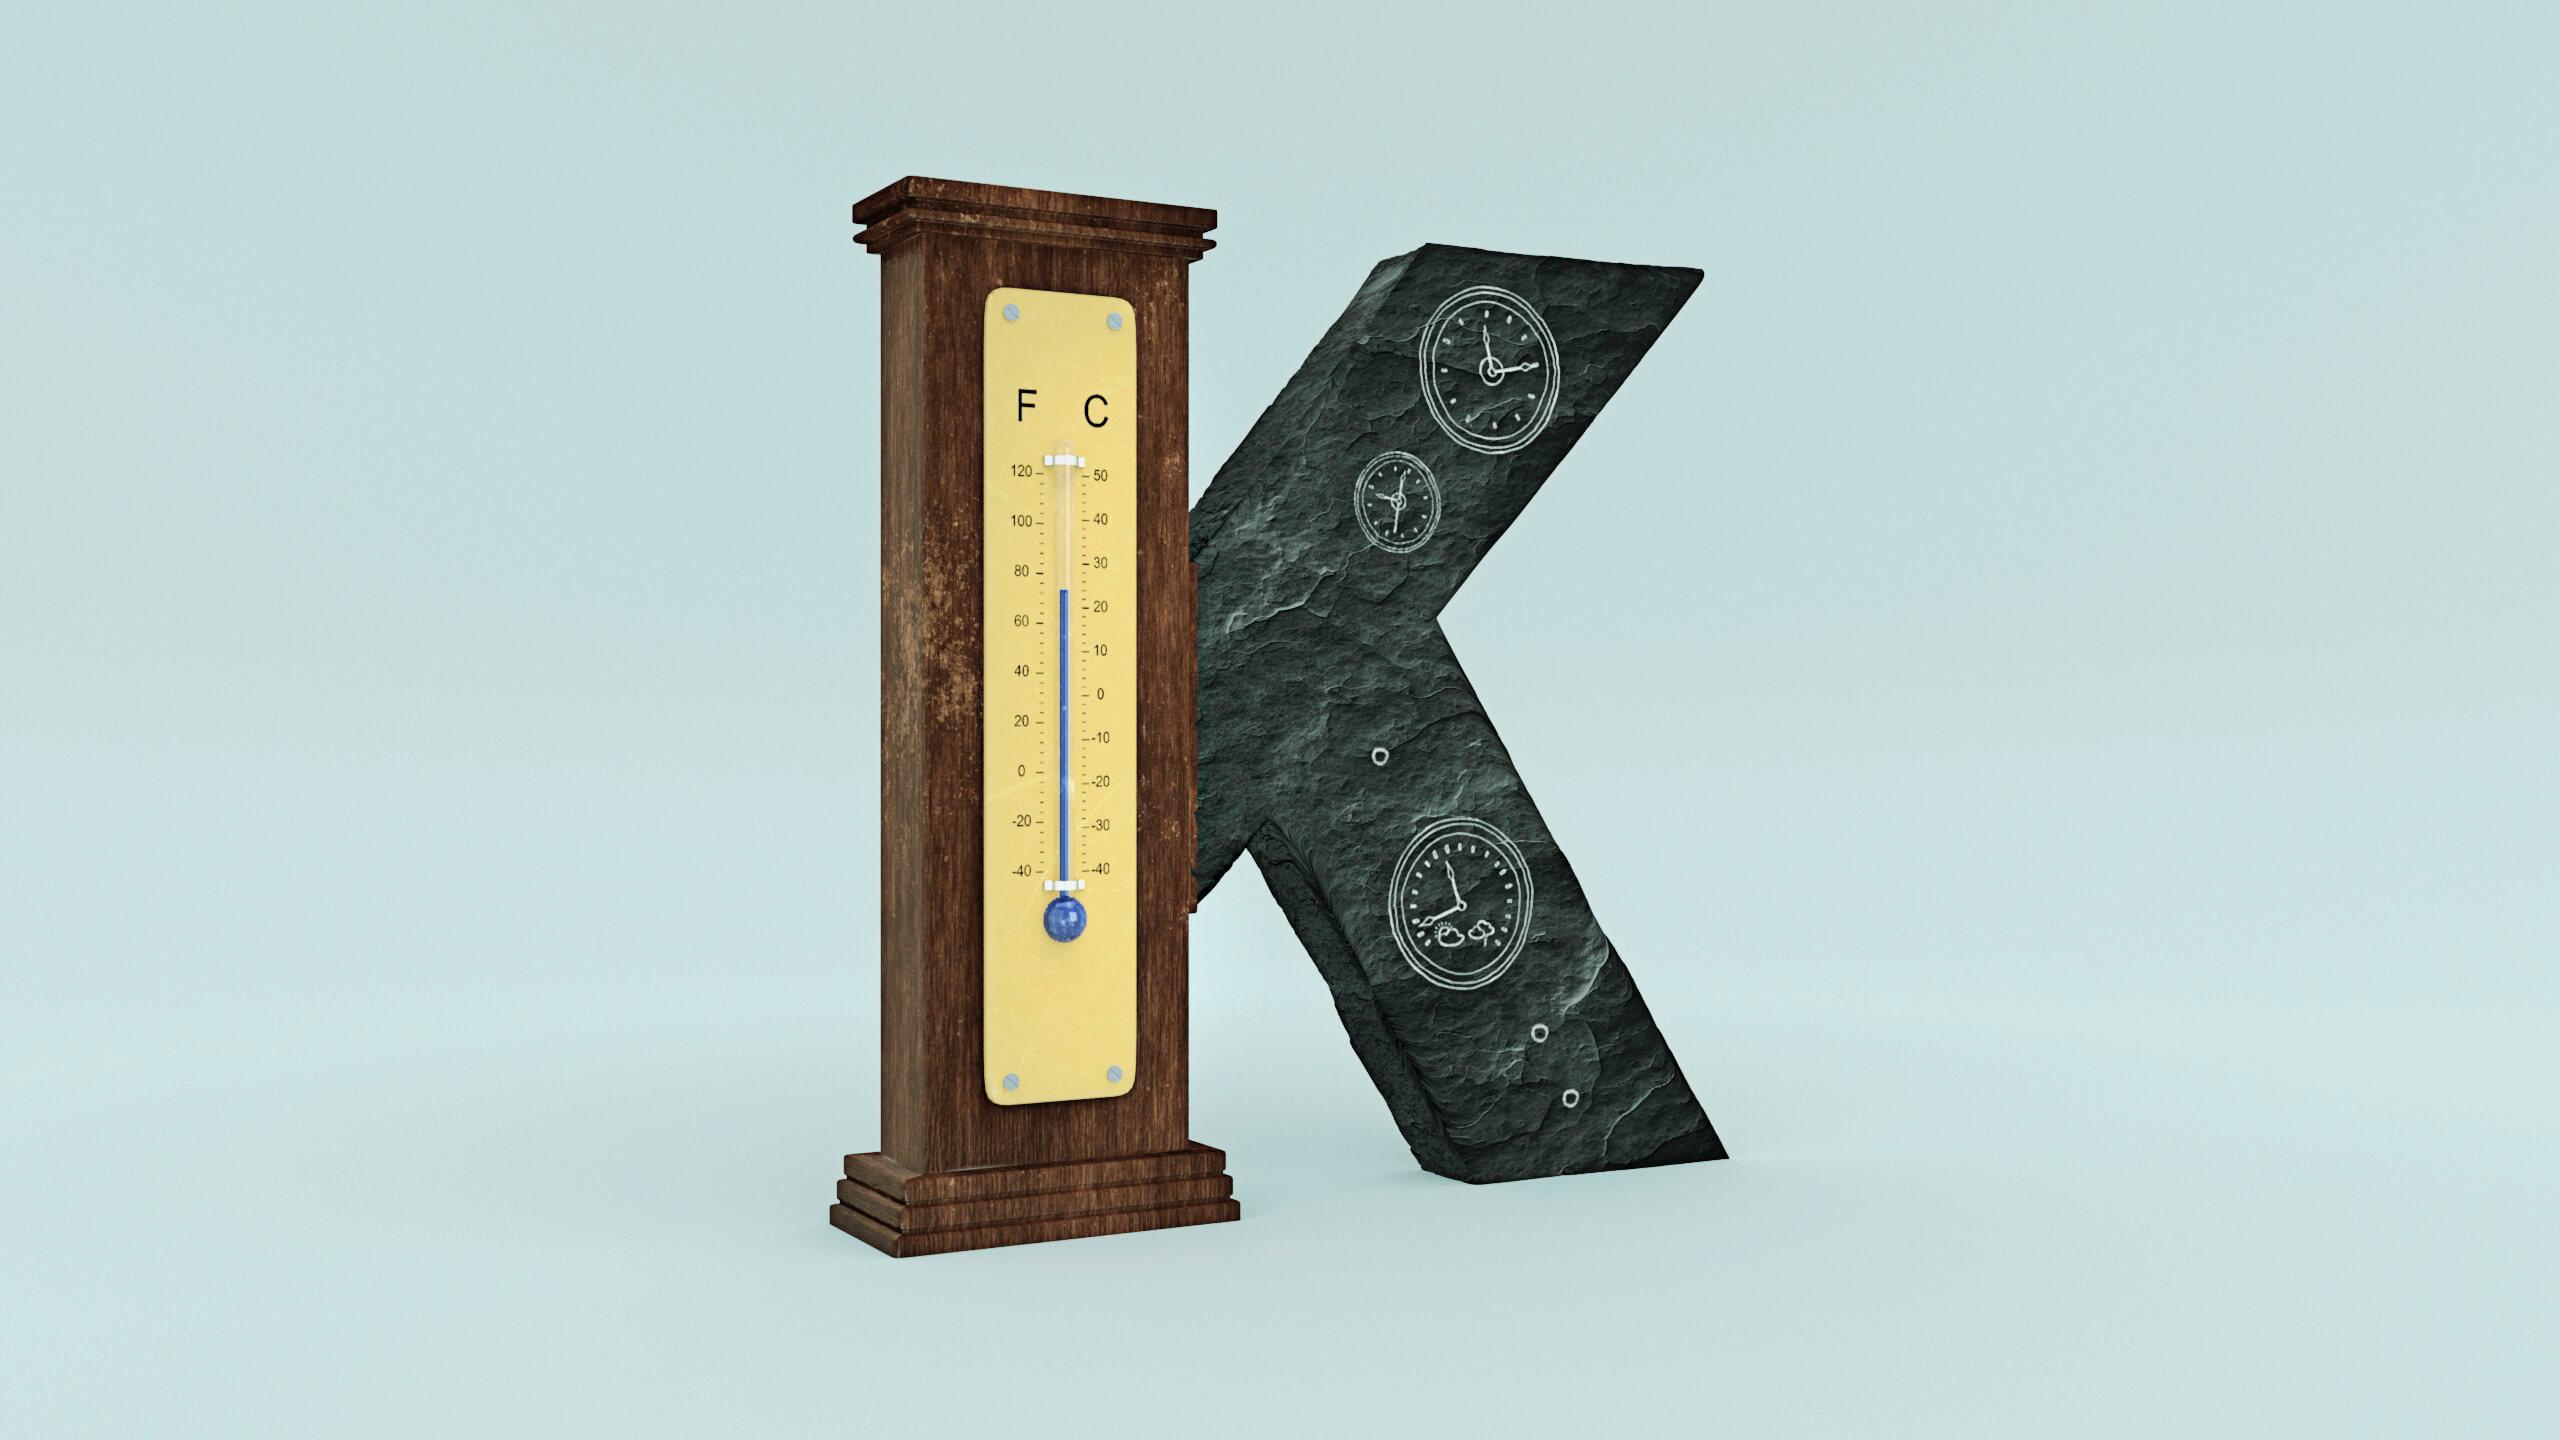 Buchstabe K symbolhaft umgesetzt